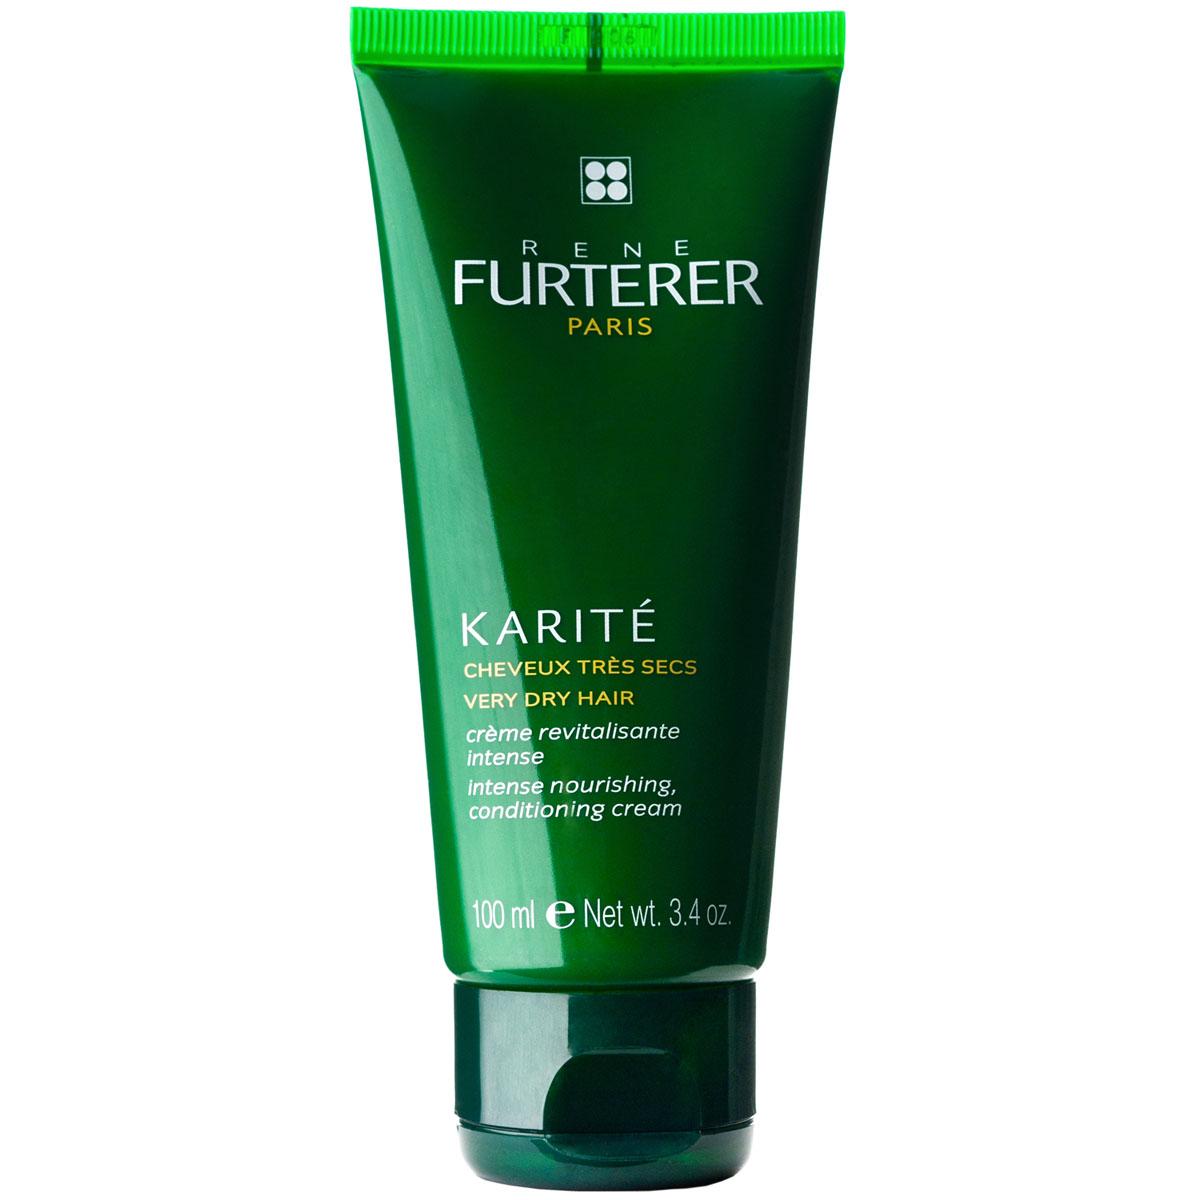 Rene Furterer Шампунь Karite для волос, питательный, 150 мл3282779314060Шампунь Rene Furterer Karite предназначен для очень сухой кожи головы и волос. Обогащен восстанавливающими, питательными и сглаживающими компонентами. Придает необыкновенную мягкость и эластичность сухим и непослушным волосам. Облегчает расчесывание волос и делает их гладкими и шелковистыми. Активные компоненты : Масло карите. Кокосовое масло защищает кутикулу от механического и химического воздействия в процессе мытья, сушки, укладки. Cimentrio. Фосфолипиды. Катионные кондиционеры распутывают волосы и облегчают их расчесывание.